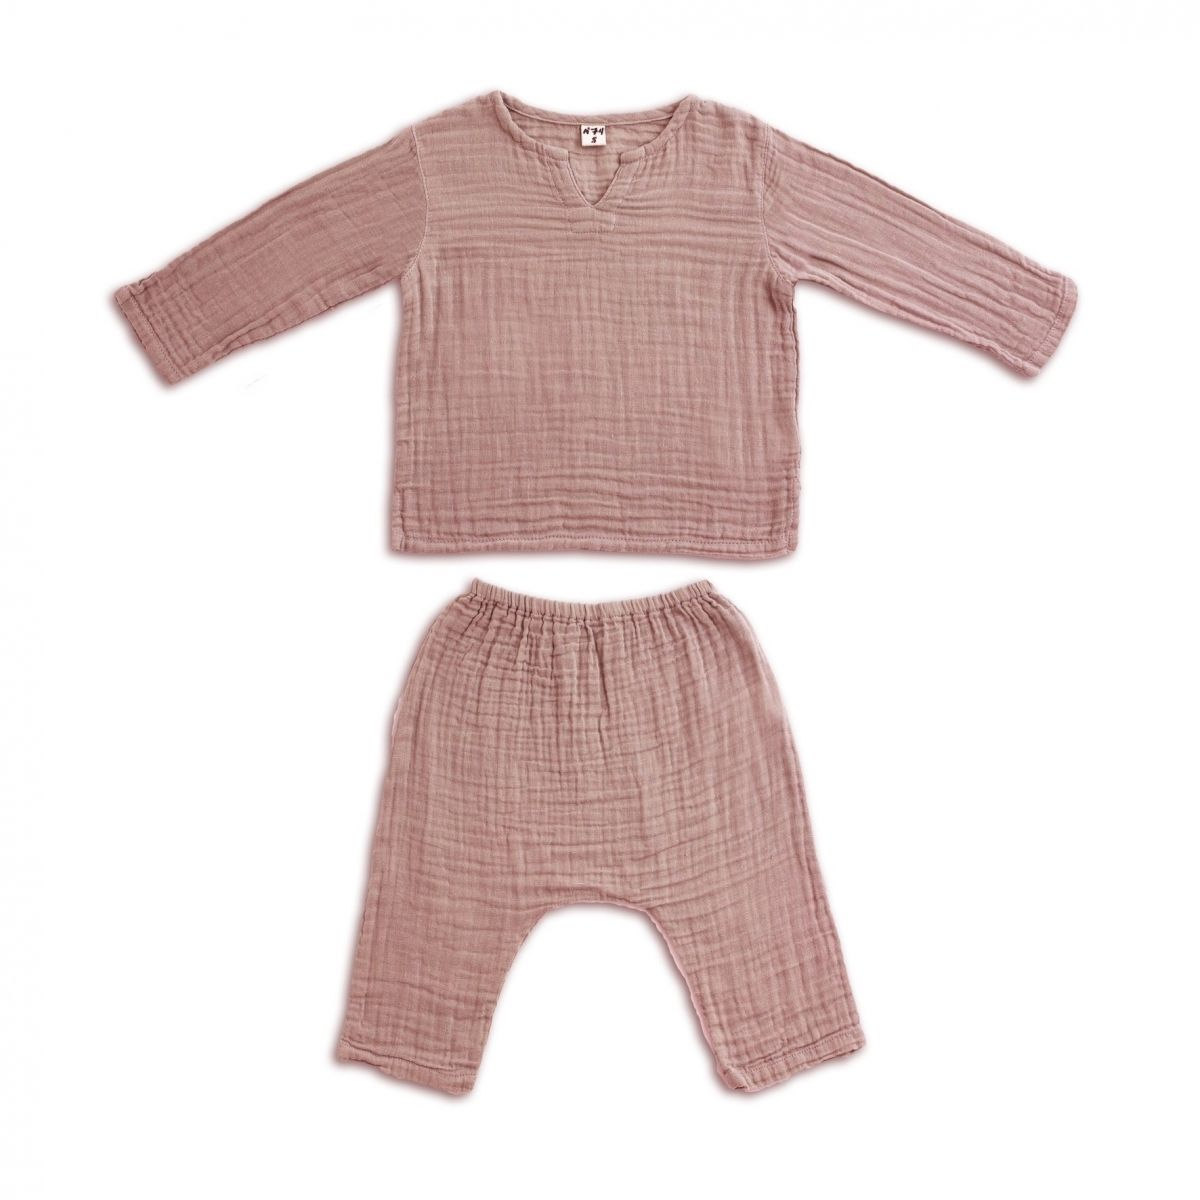 Komplet Zac koszulka & spodnie zgaszony róż - Numero 74